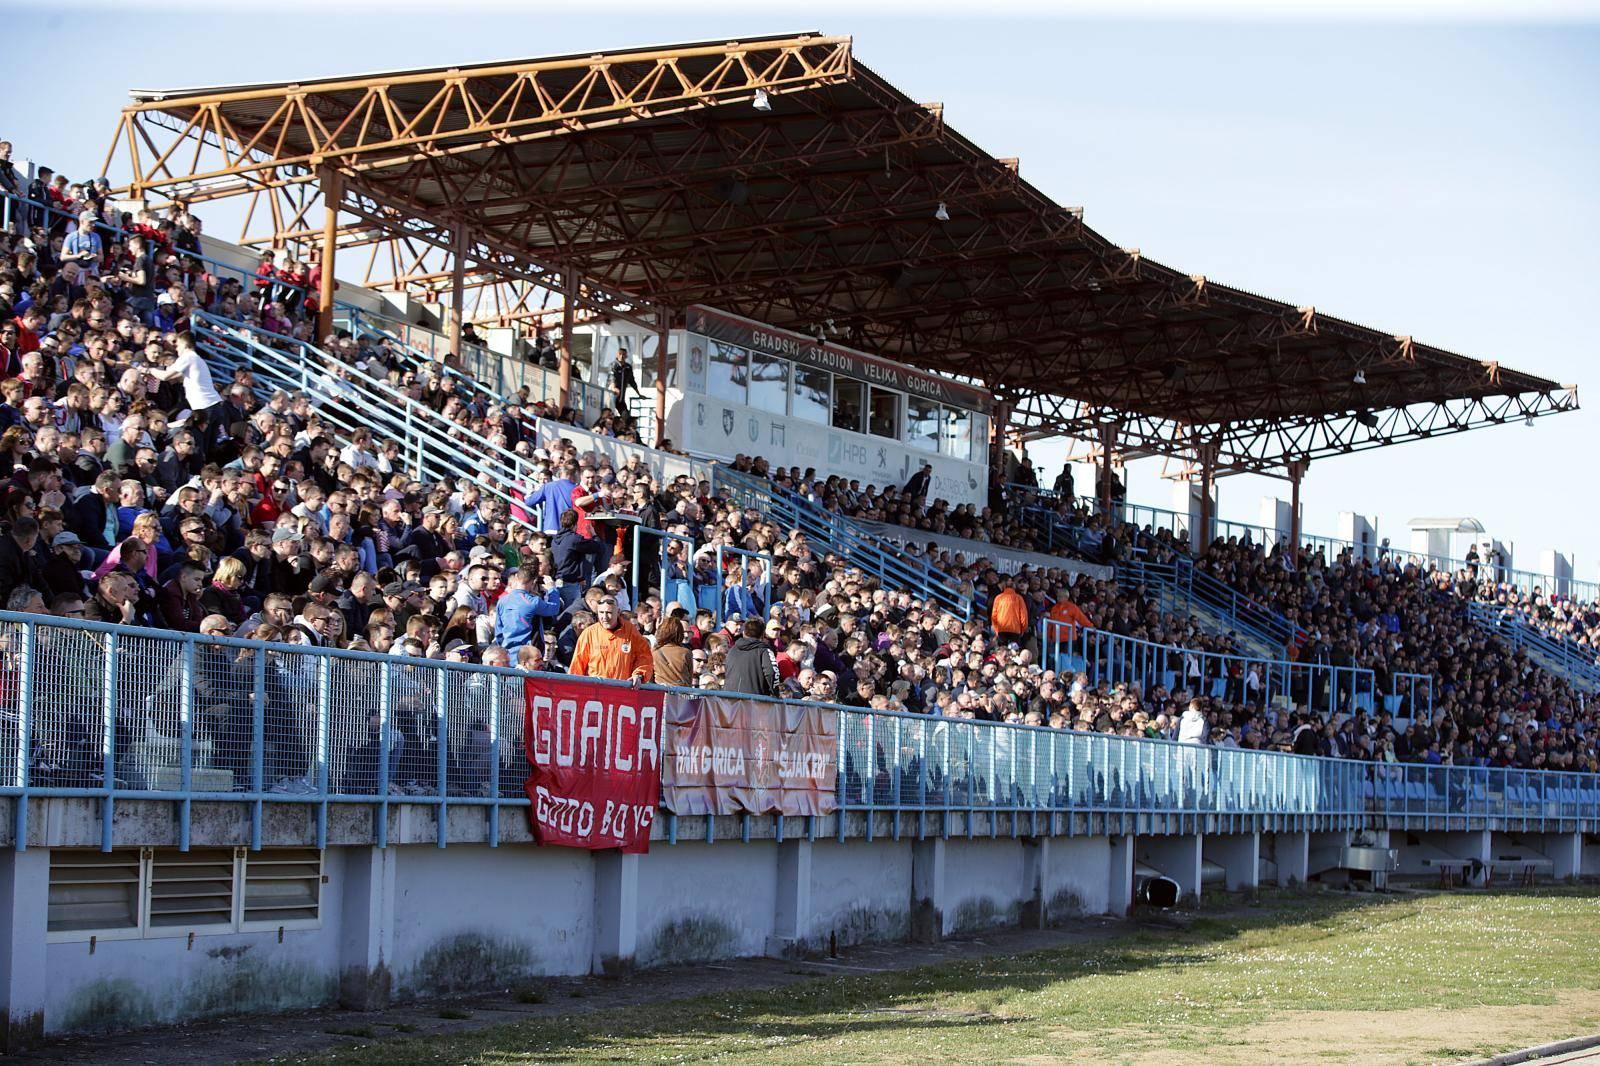 Kinezi posjetili Goricu: Gradit će stadion od 30.000 mjesta...